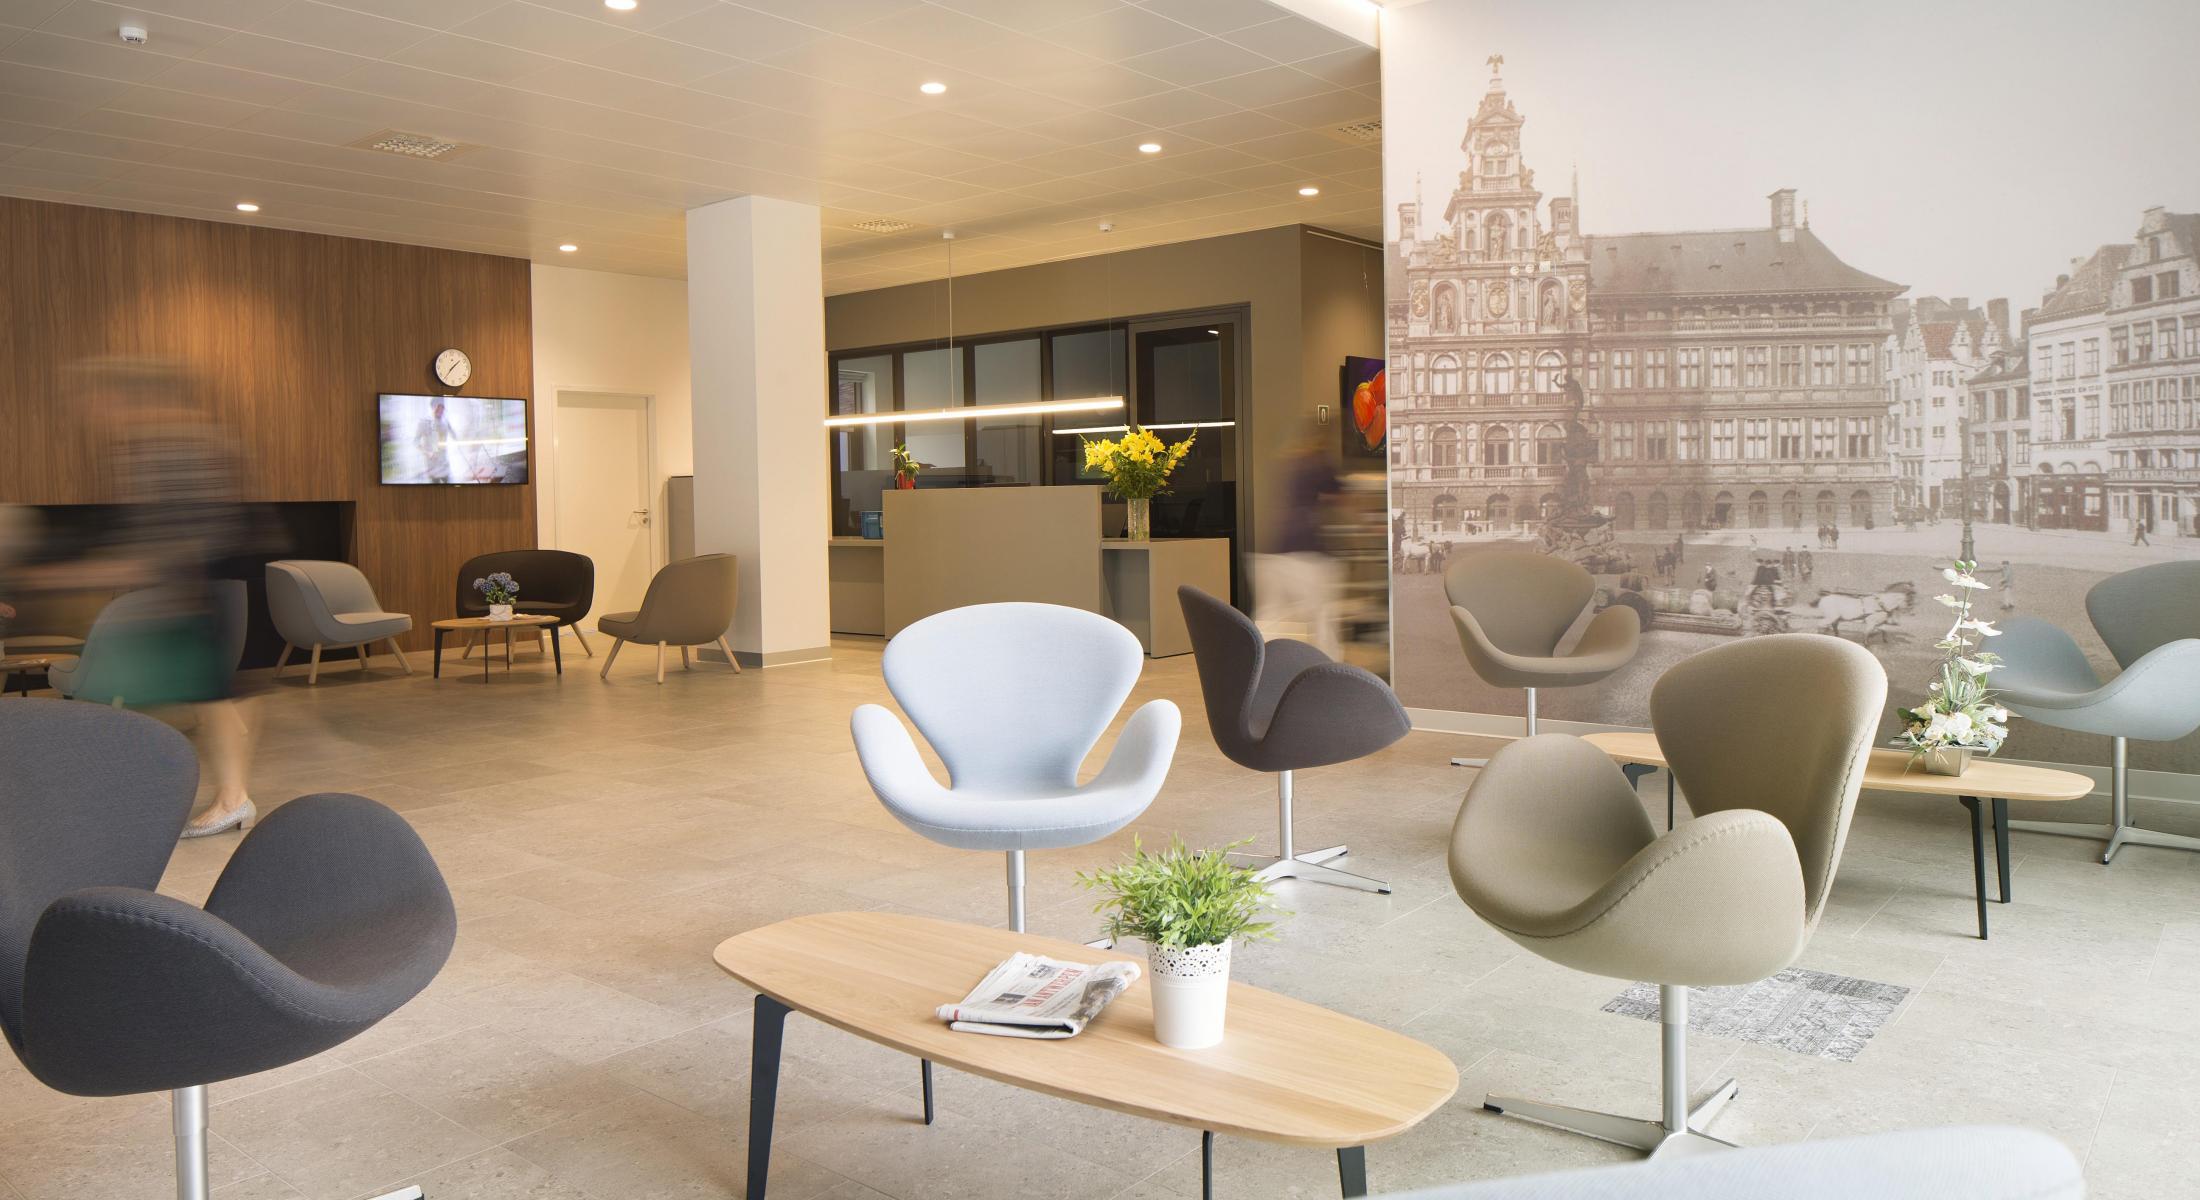 Creating Hospitality - WZC Hof Ter Schelde Antwerpen 2 - moments furniture